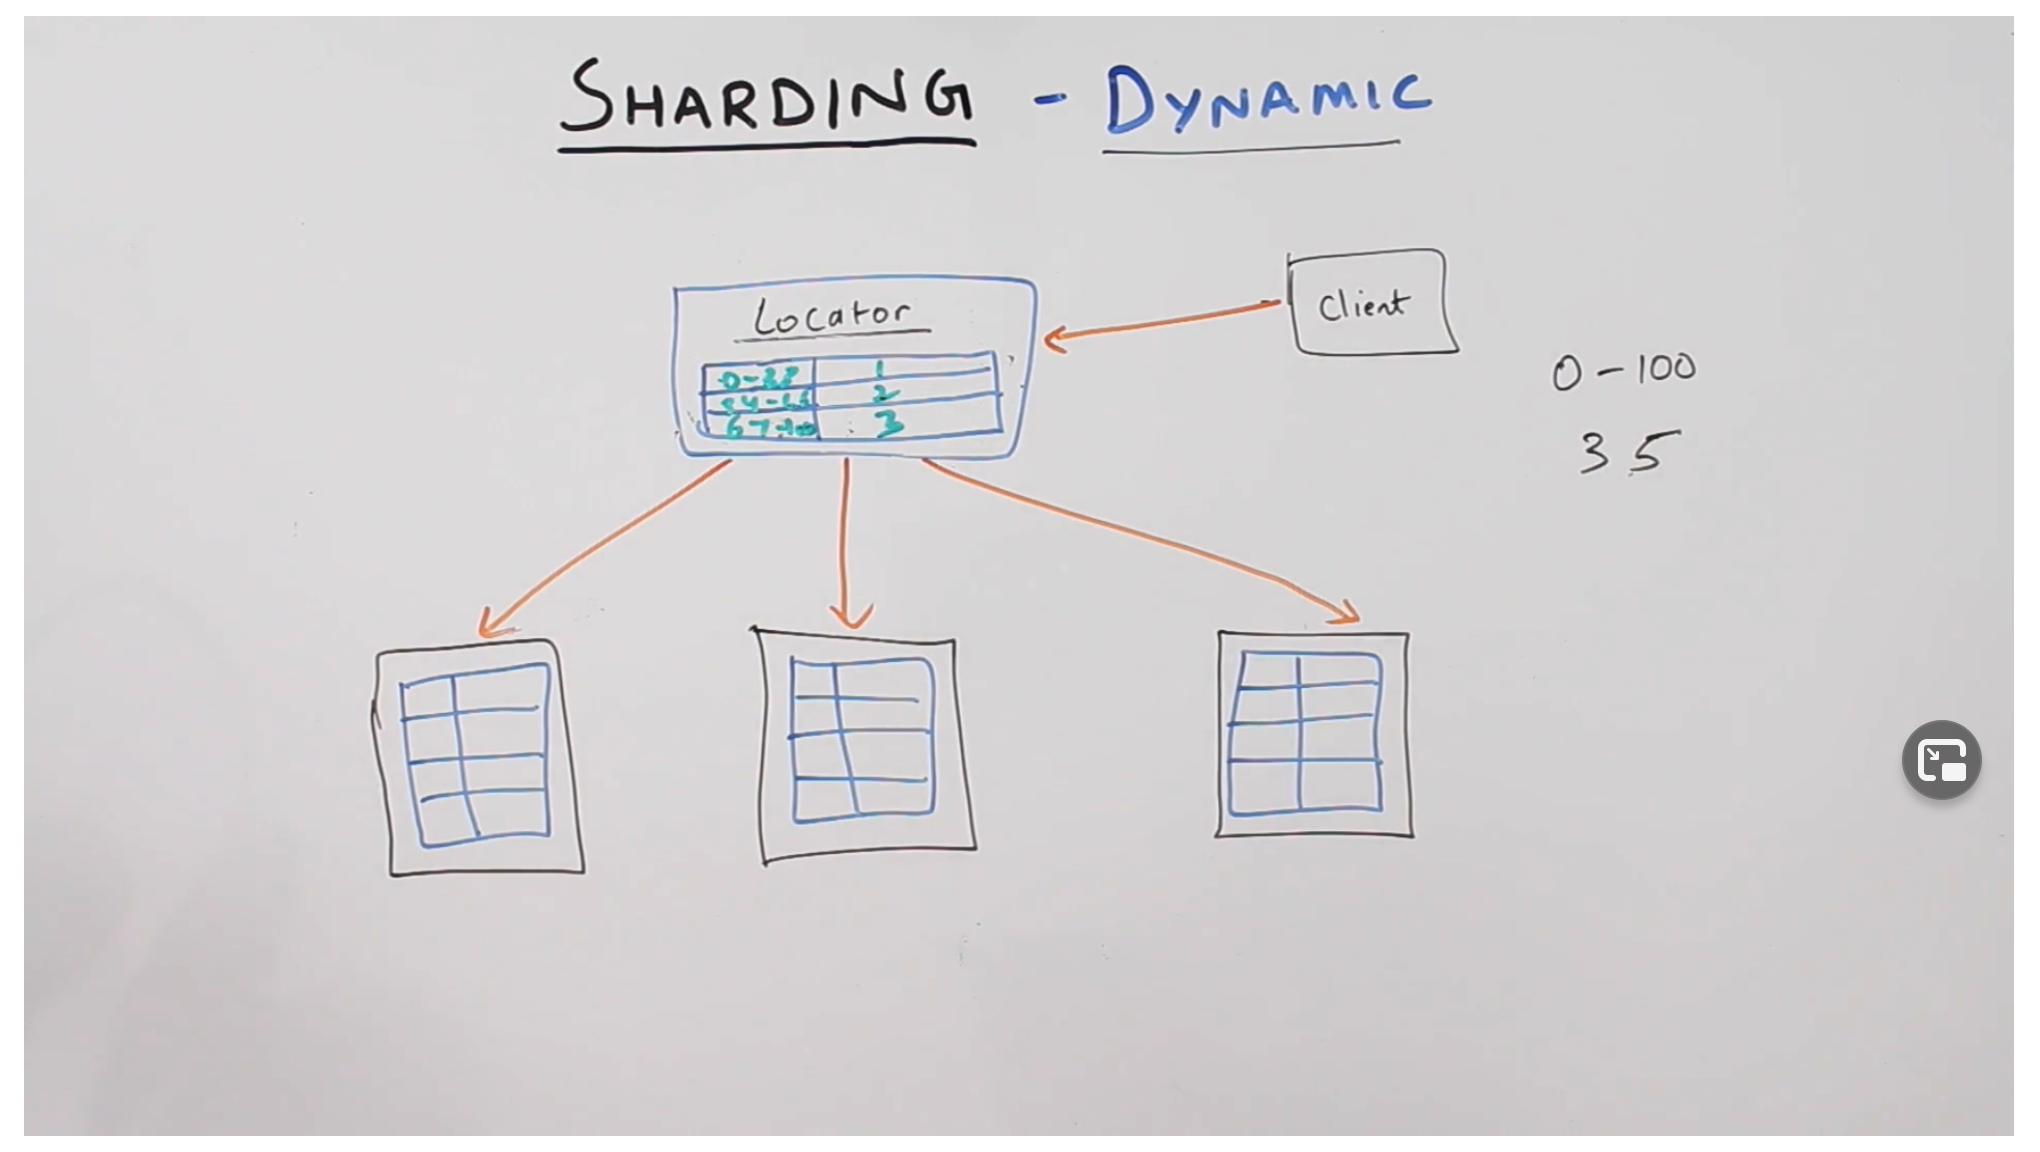 Dynamic Sharding